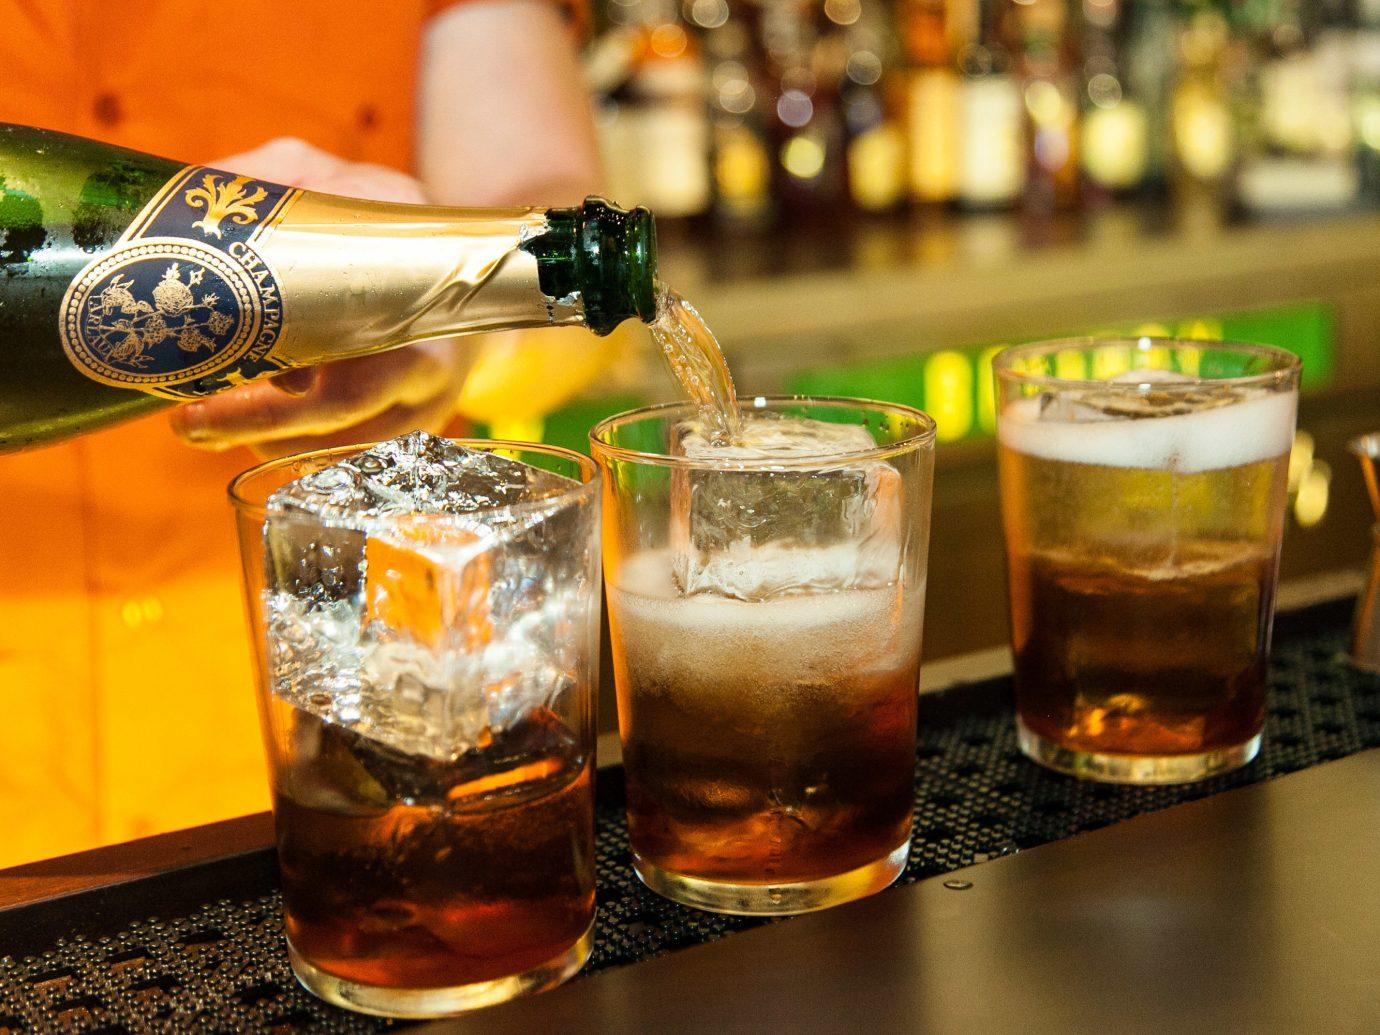 Food + Drink table cup Drink alcoholic beverage indoor distilled beverage beer cocktail beer alcohol cocktail whisky liqueur cuba libre beverage glass